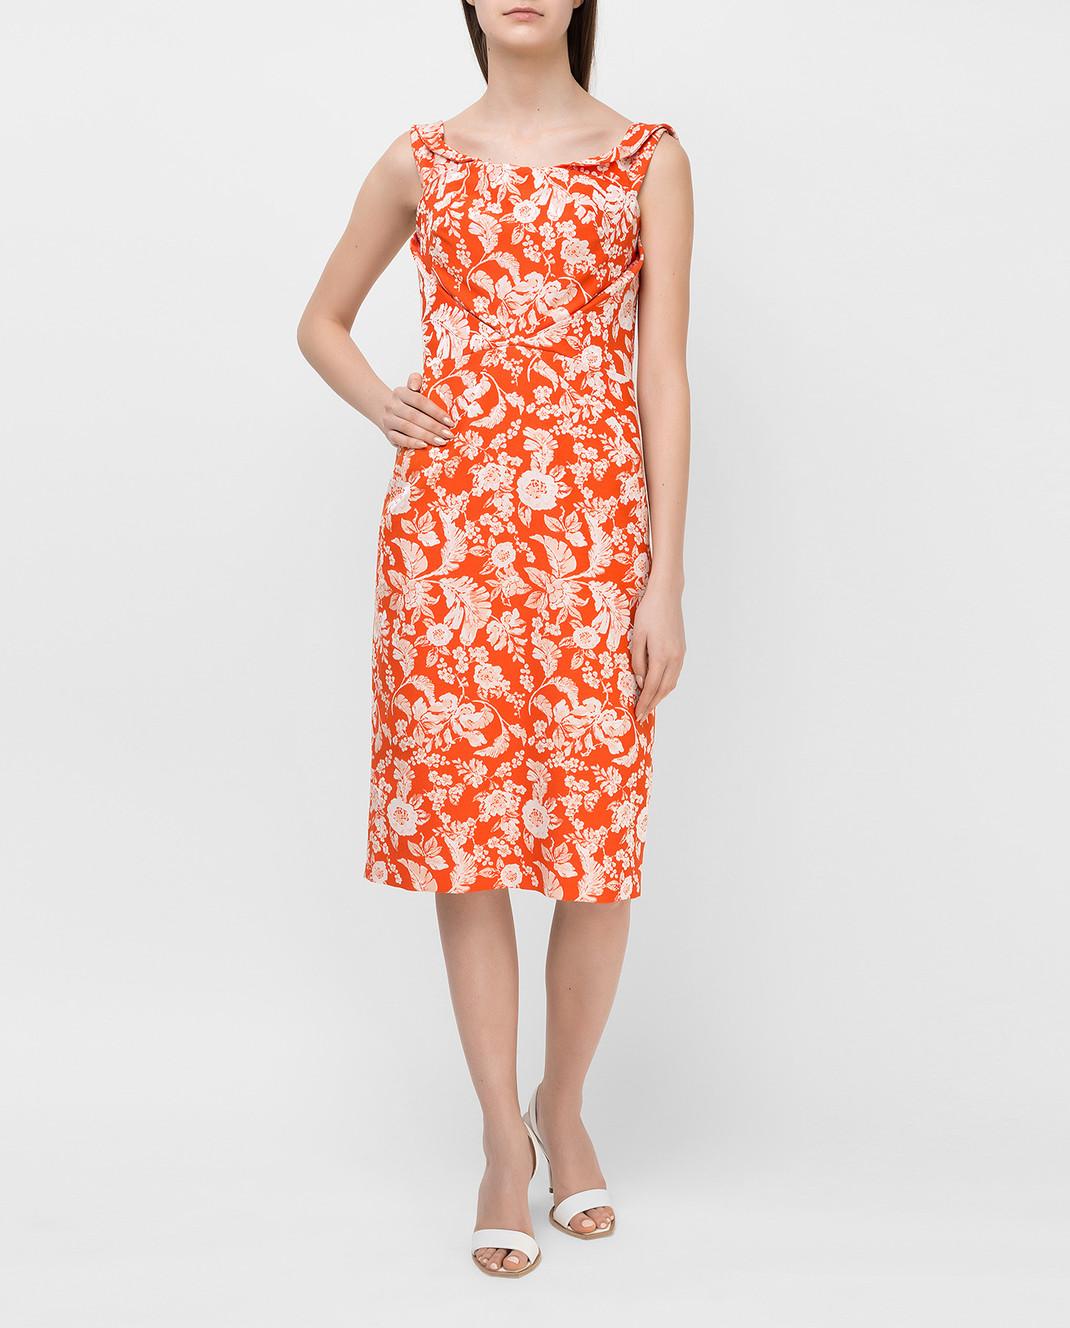 Zac Posen Оранжевое платье 23547753 изображение 2